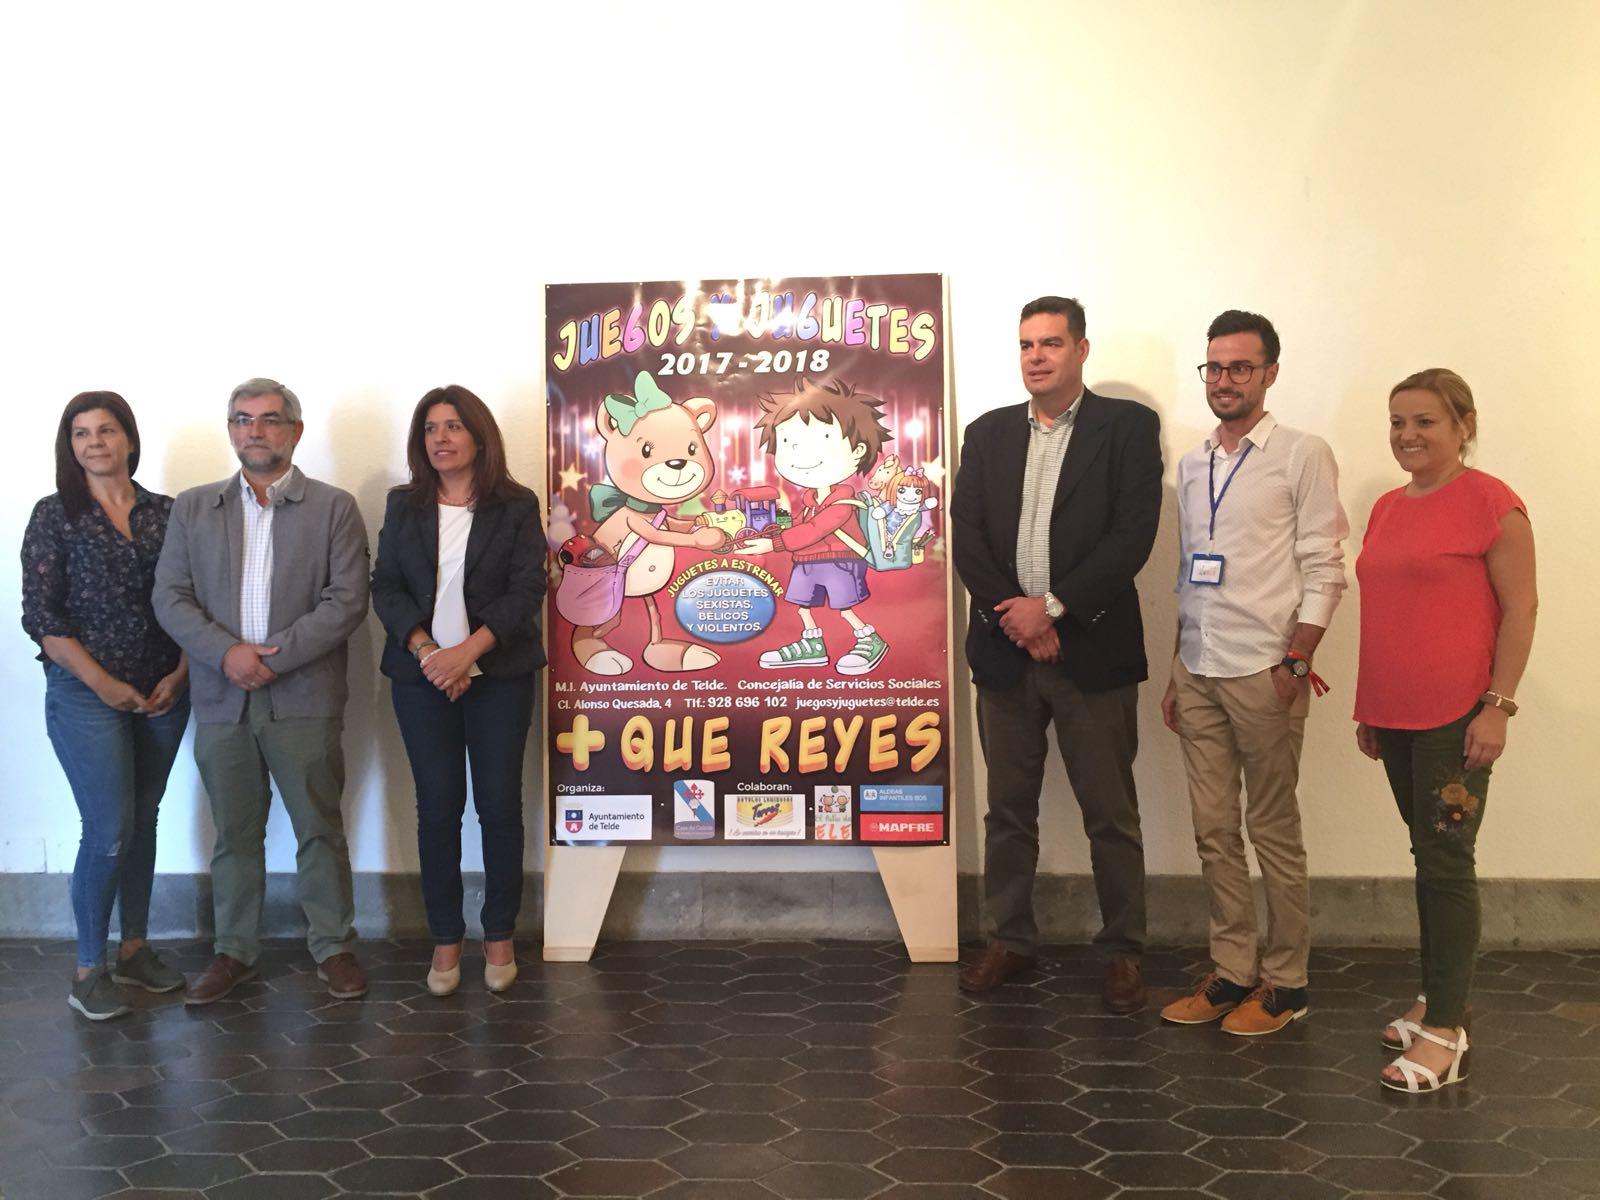 El ayuntamiento de Telde pone en marcha una nueva campaña navideña de recogida de juguetes